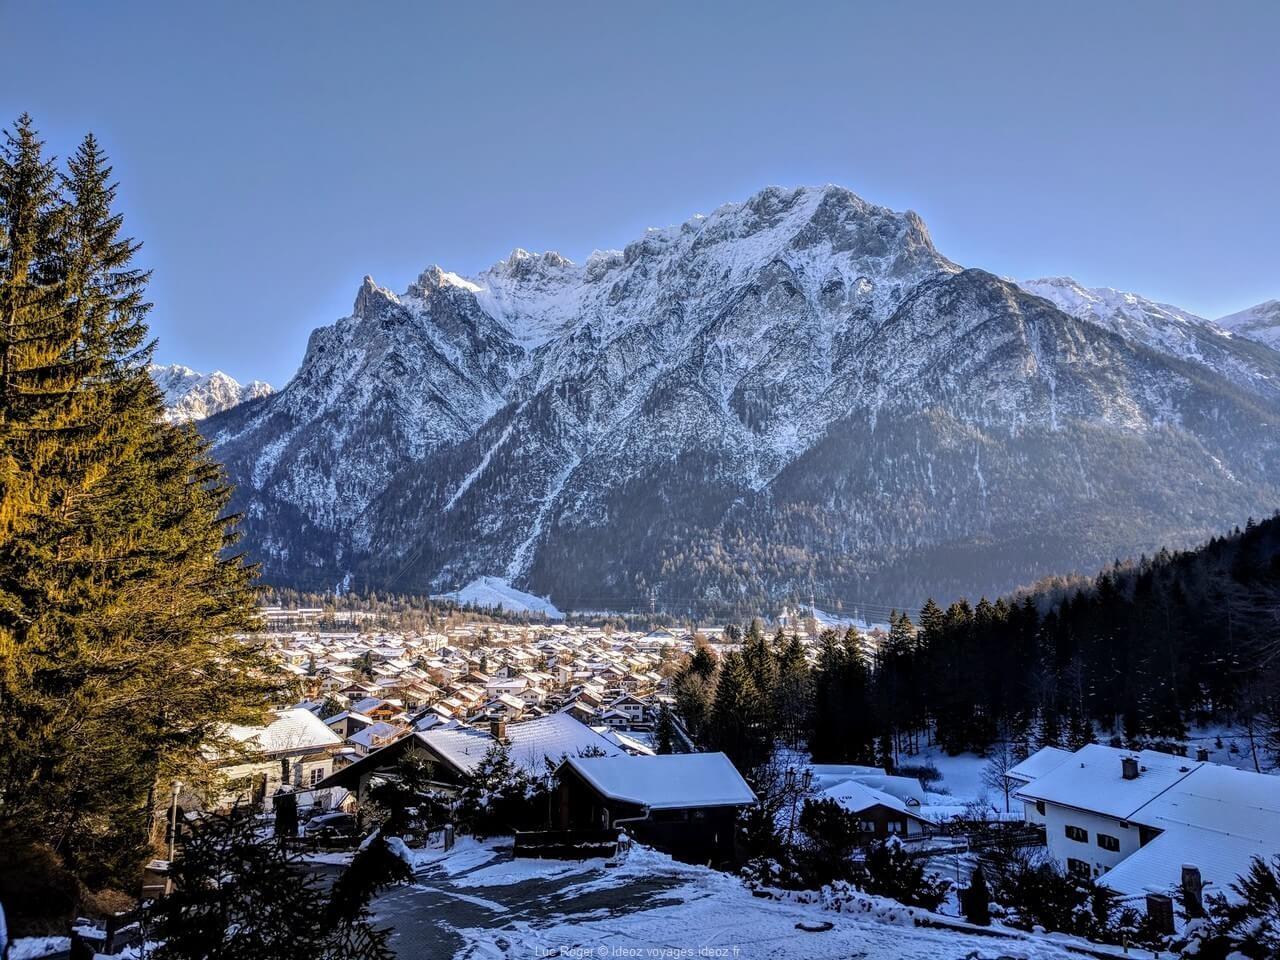 Vue sur Mittenwald et les montagnes enneigées